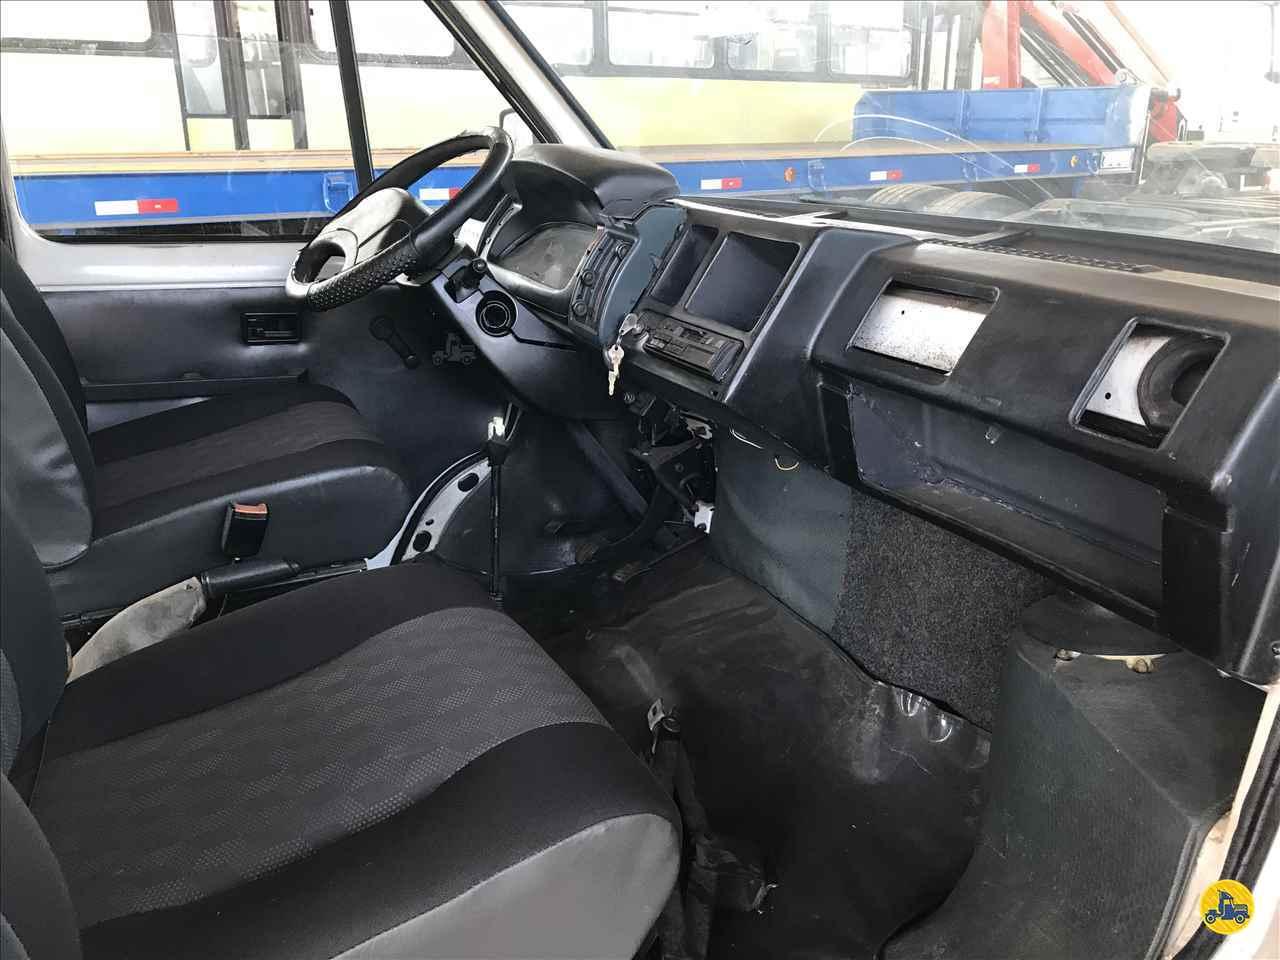 GM - Chevrolet Trafic  1997/1997 Geraldo Caminhões